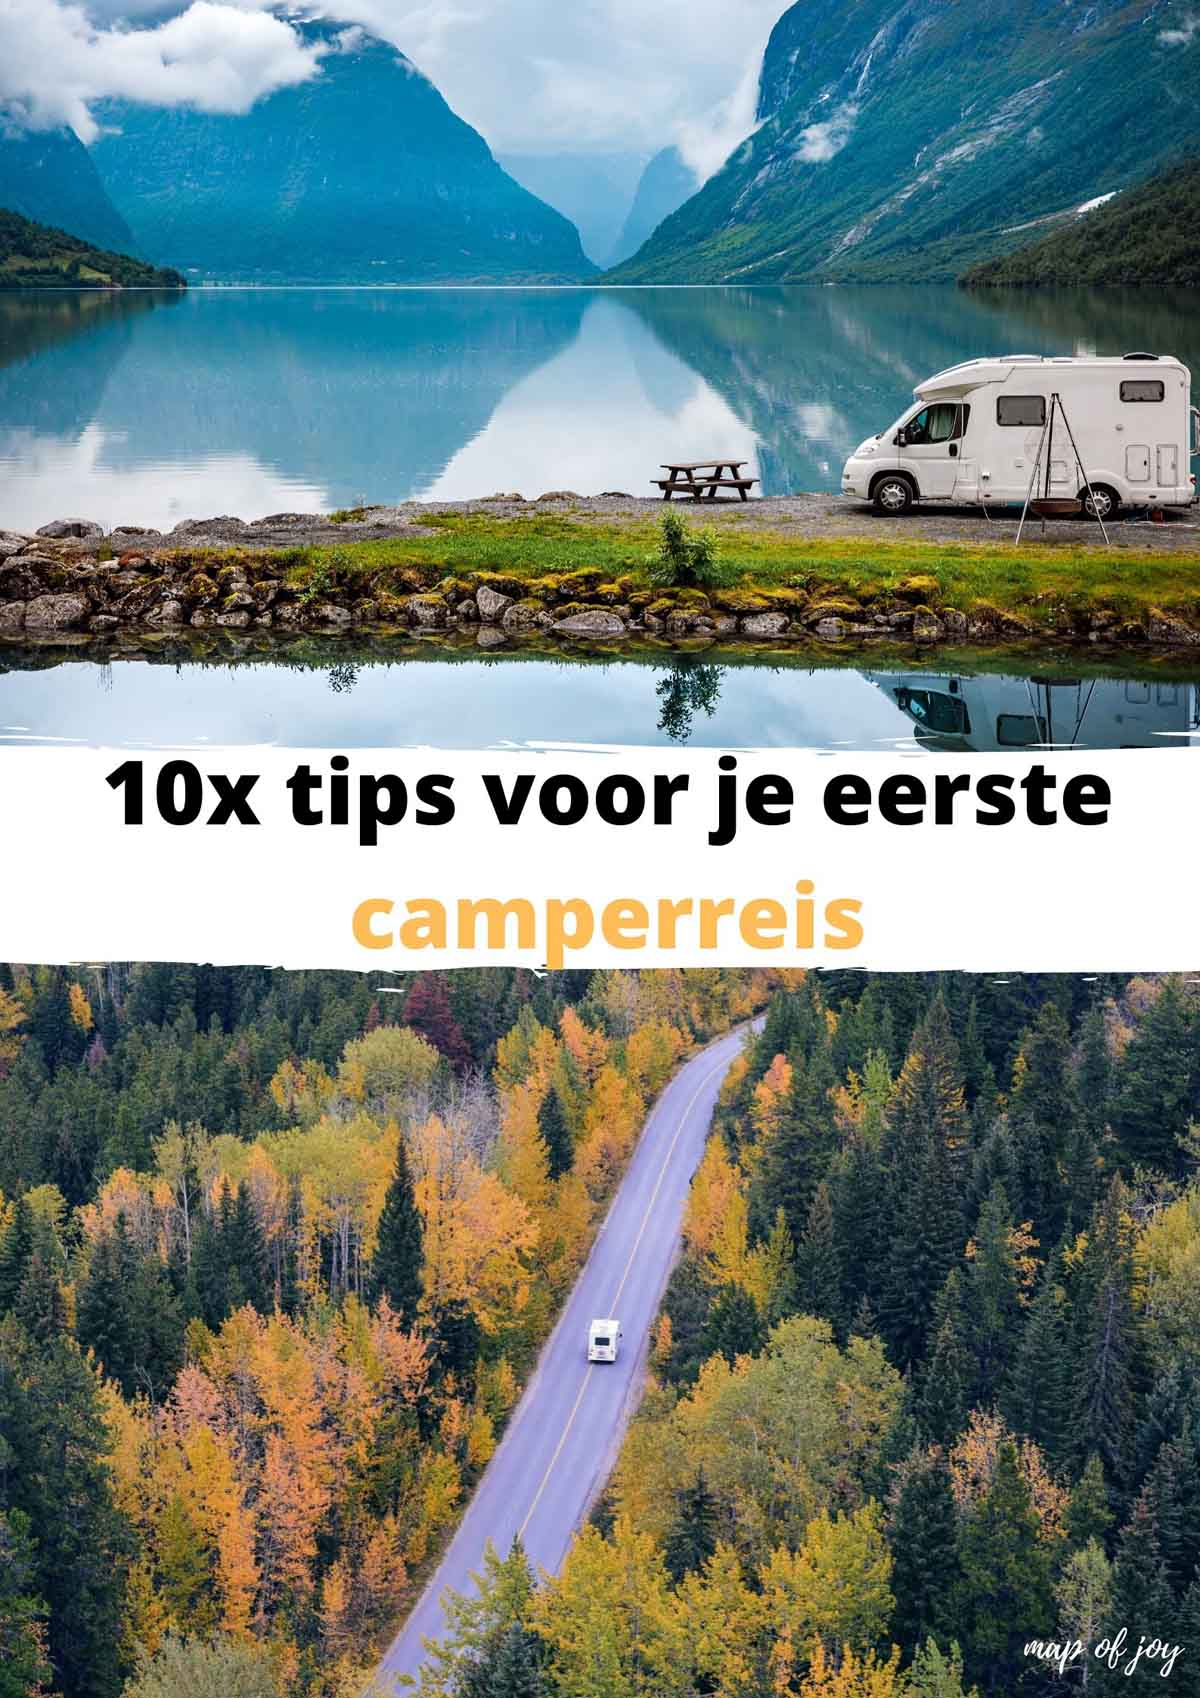 10x tips voor je eerste camperreis